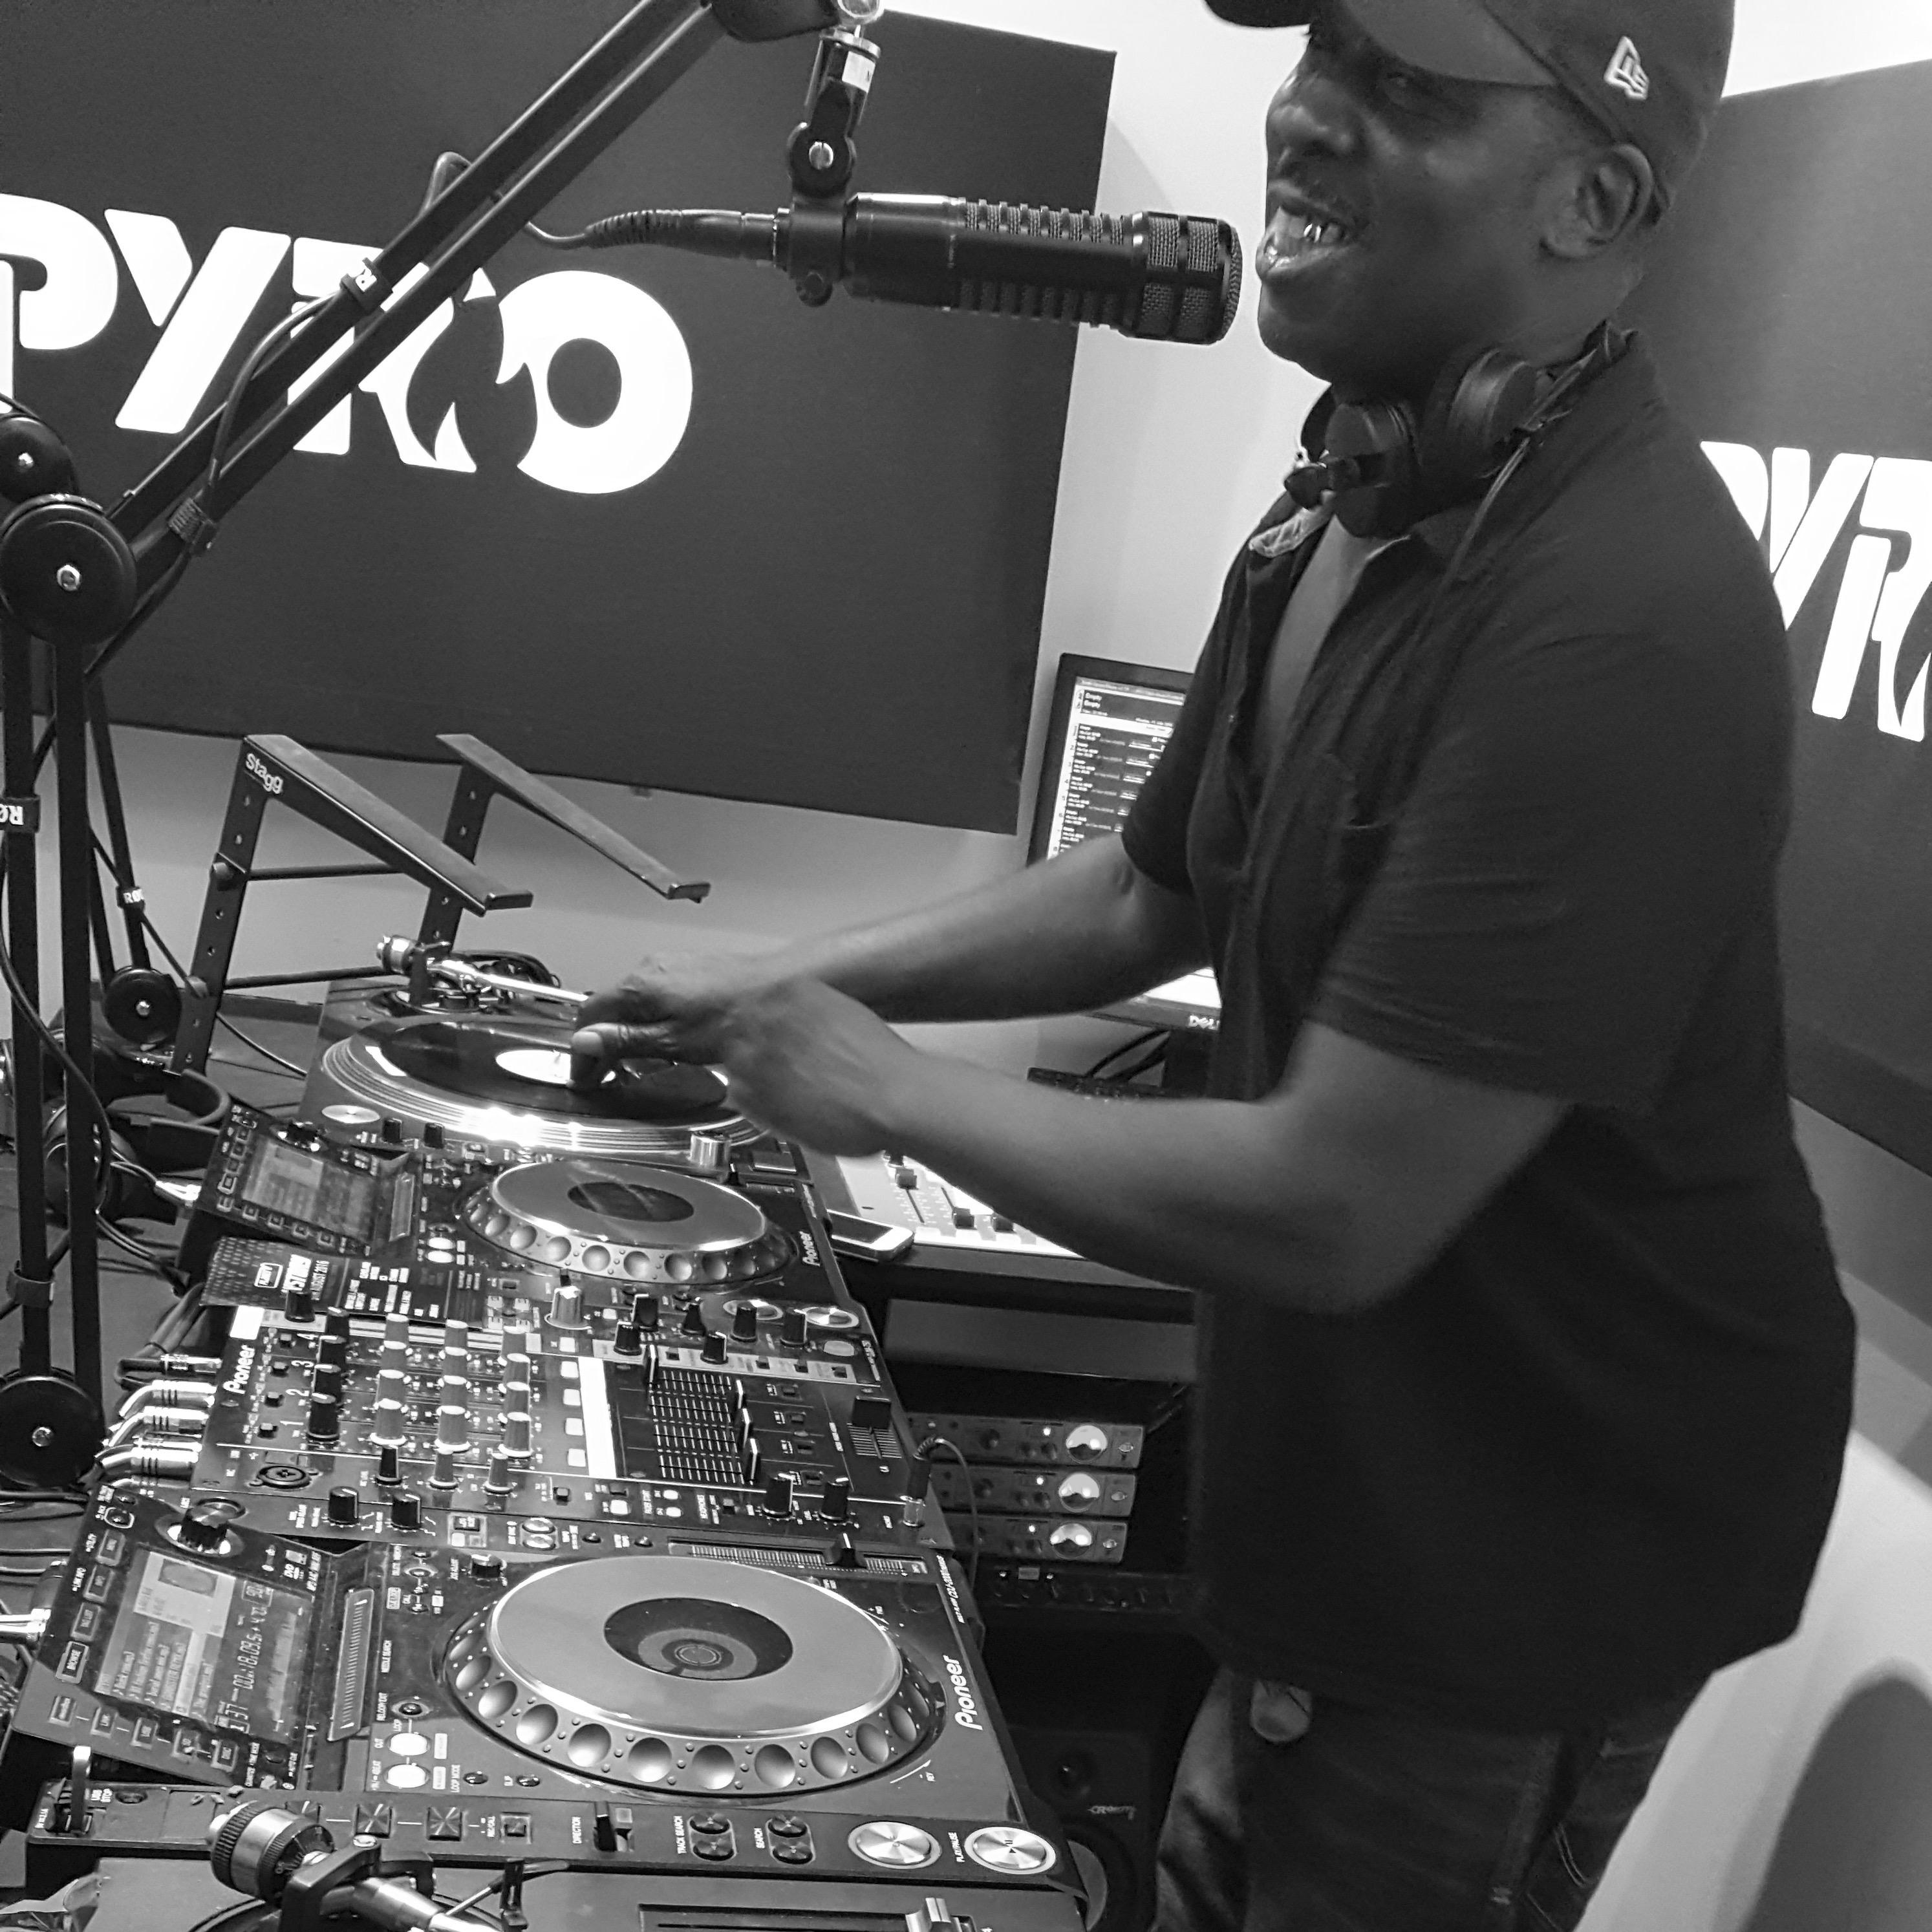 Bryan Gee, PyroRadio, PyroRadio.com